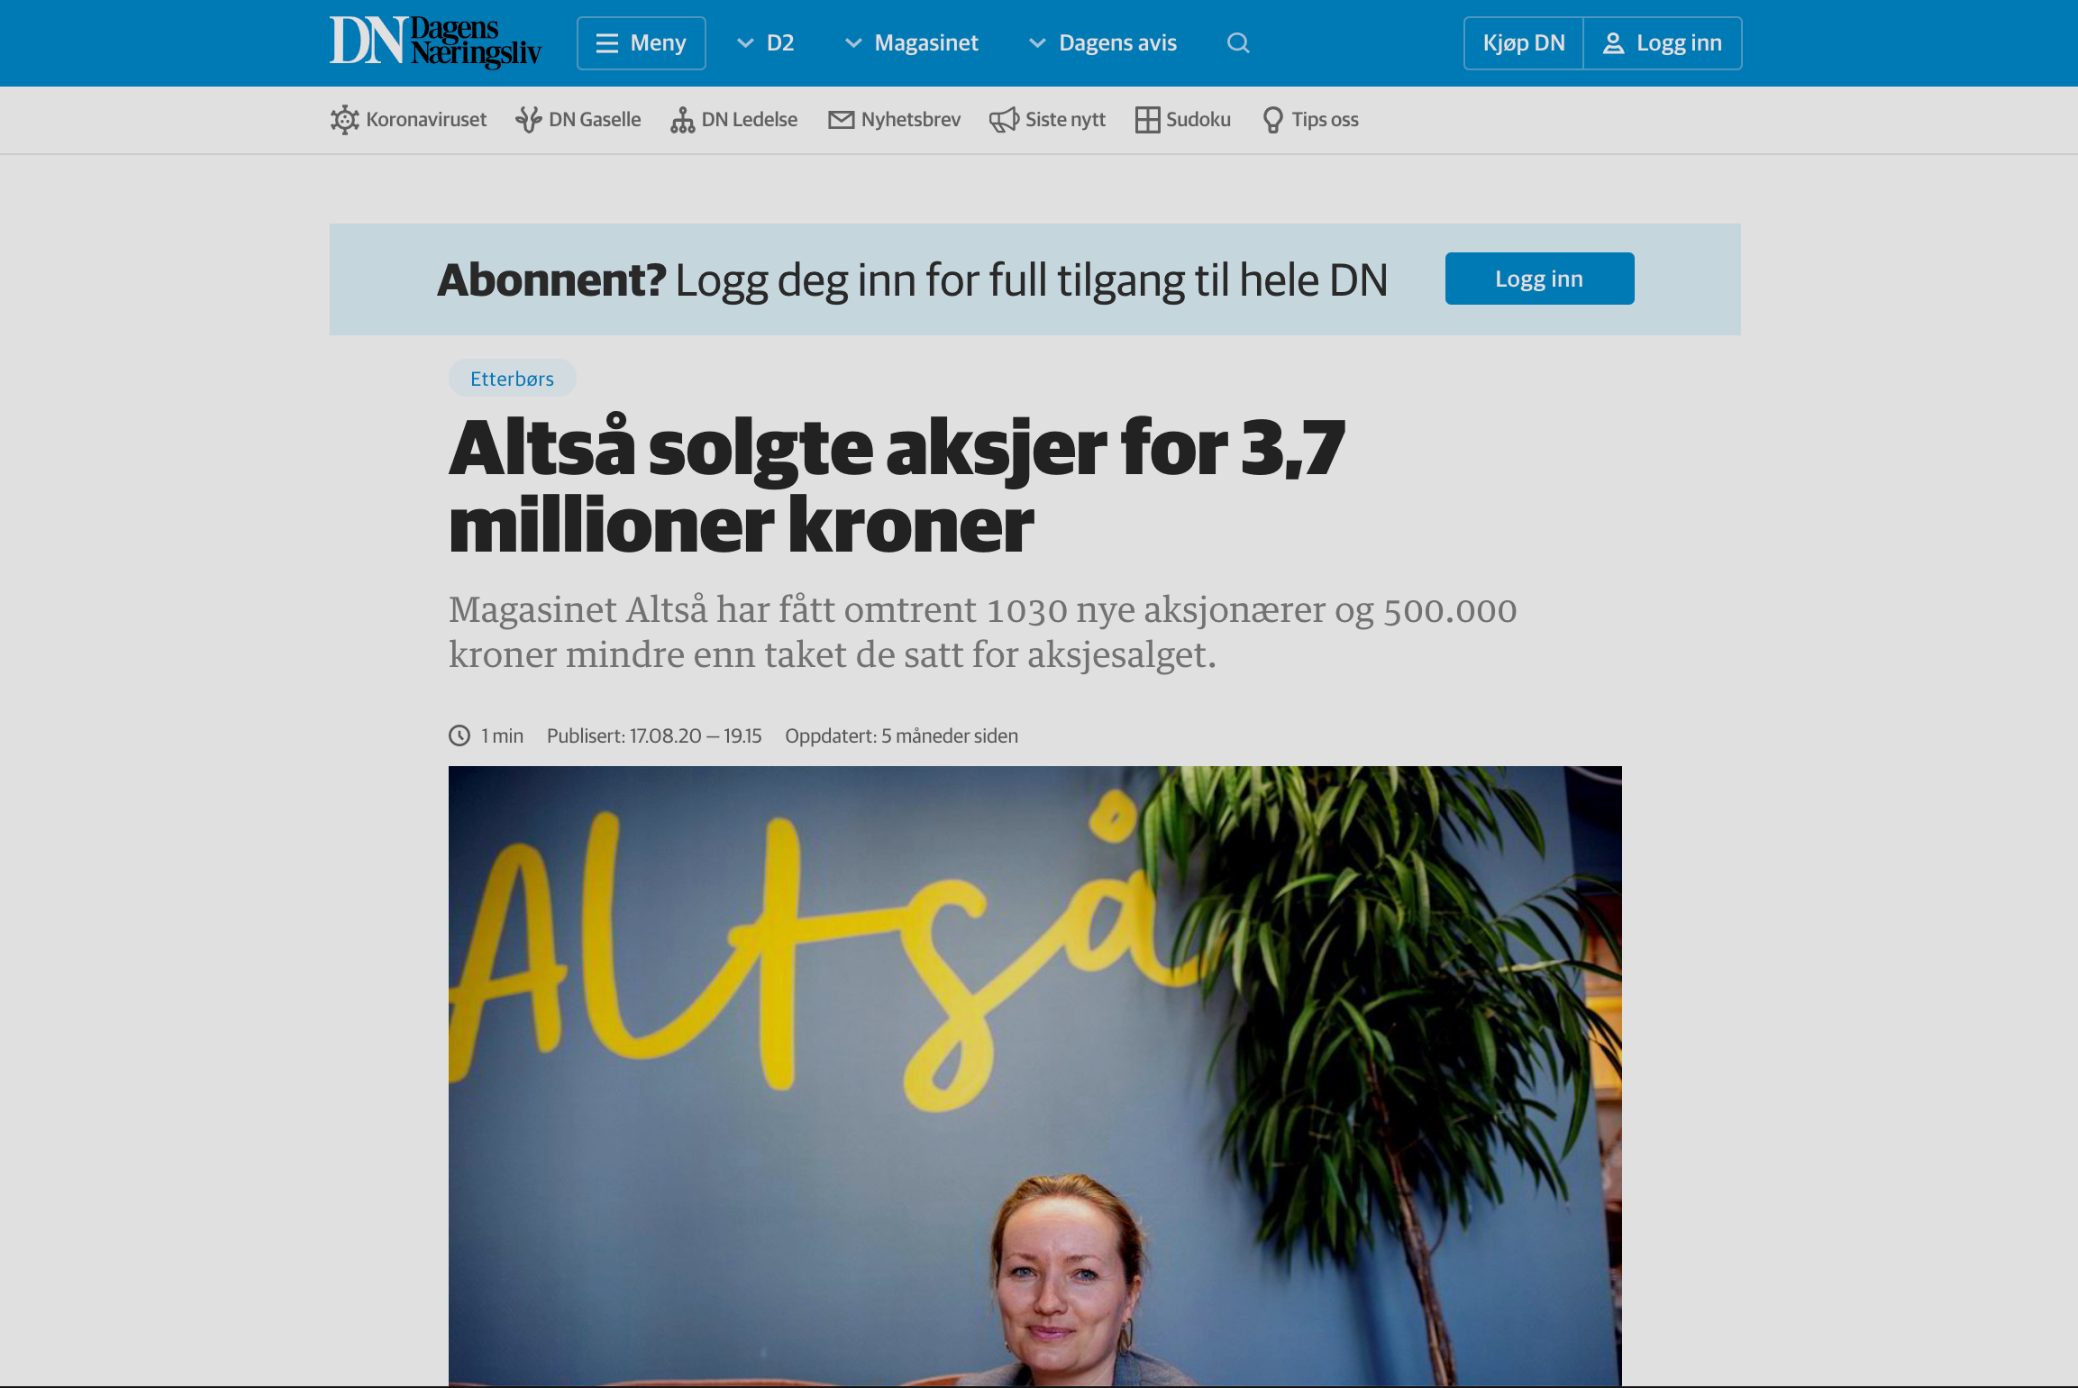 DN: ALTSÅ solgte aksjer for 3,7M